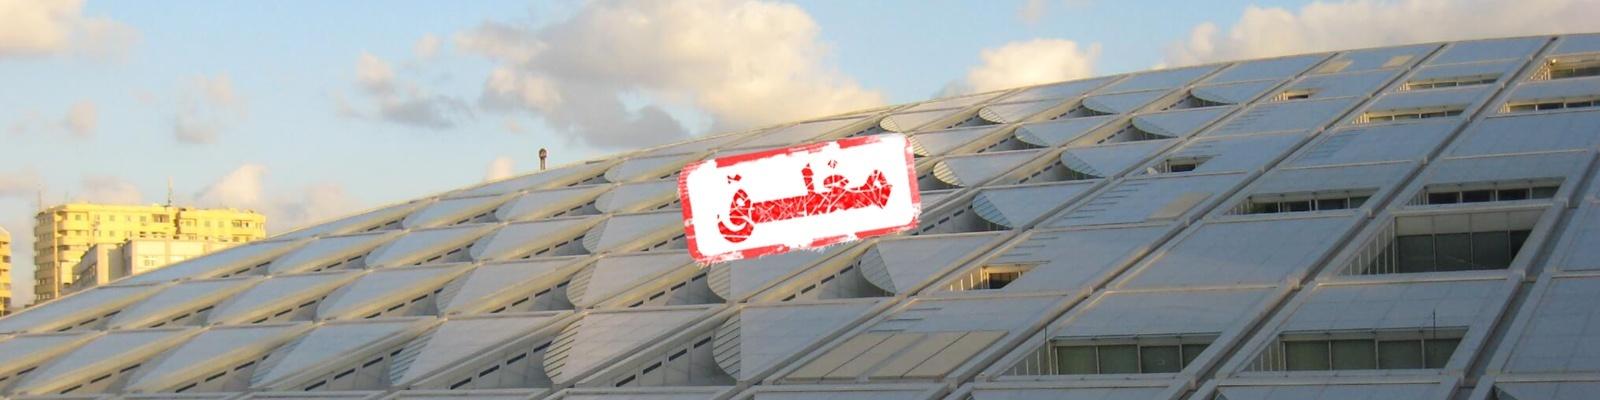 مكتبة الإسكندرية تغلق أبوابها للجمهور